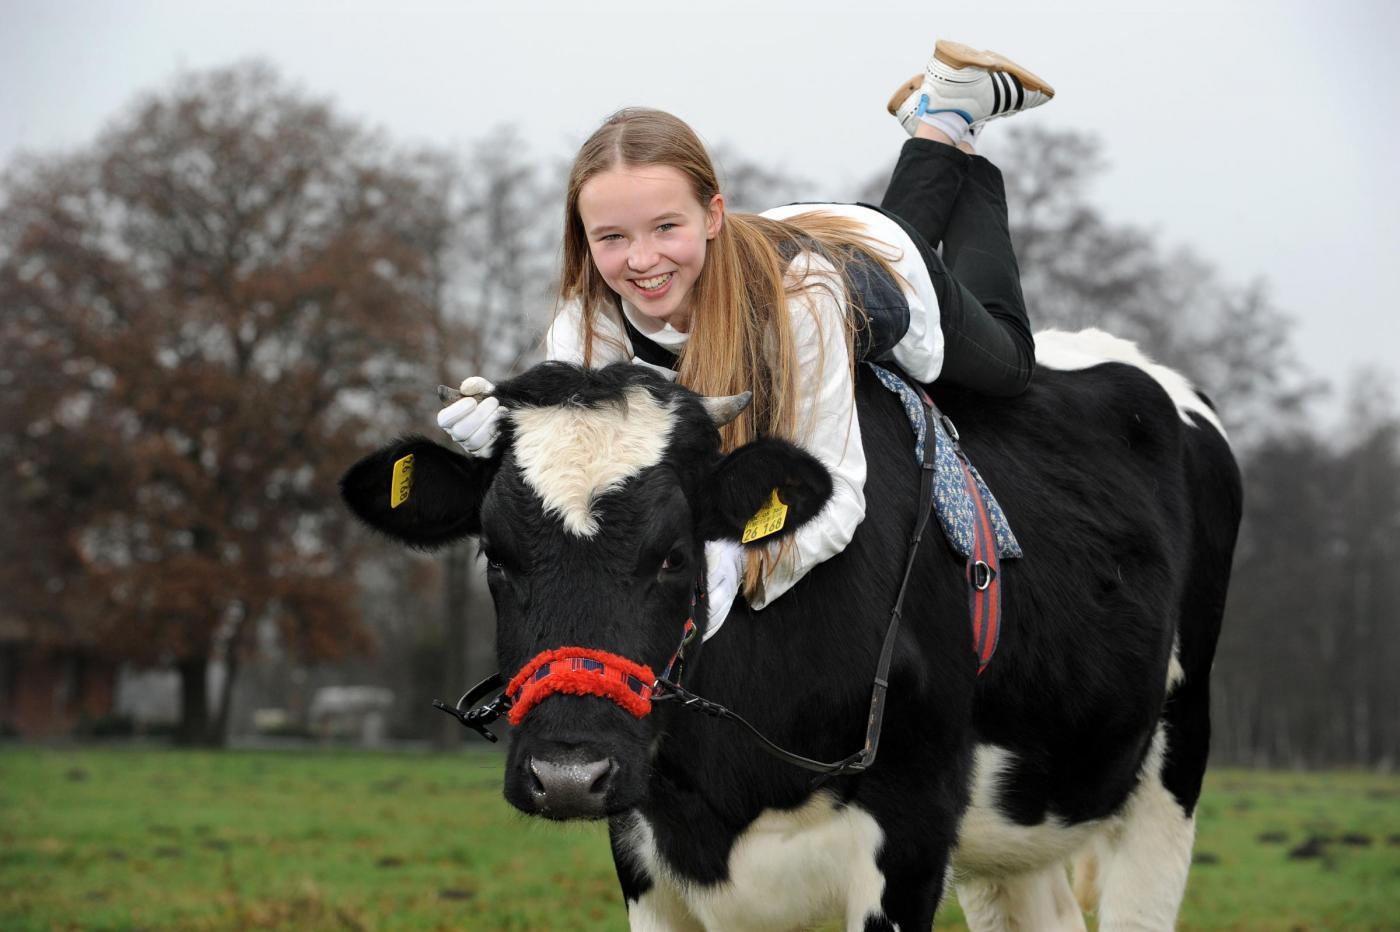 Germania, la ragazzina che a 12 anni cavalca la mucca04